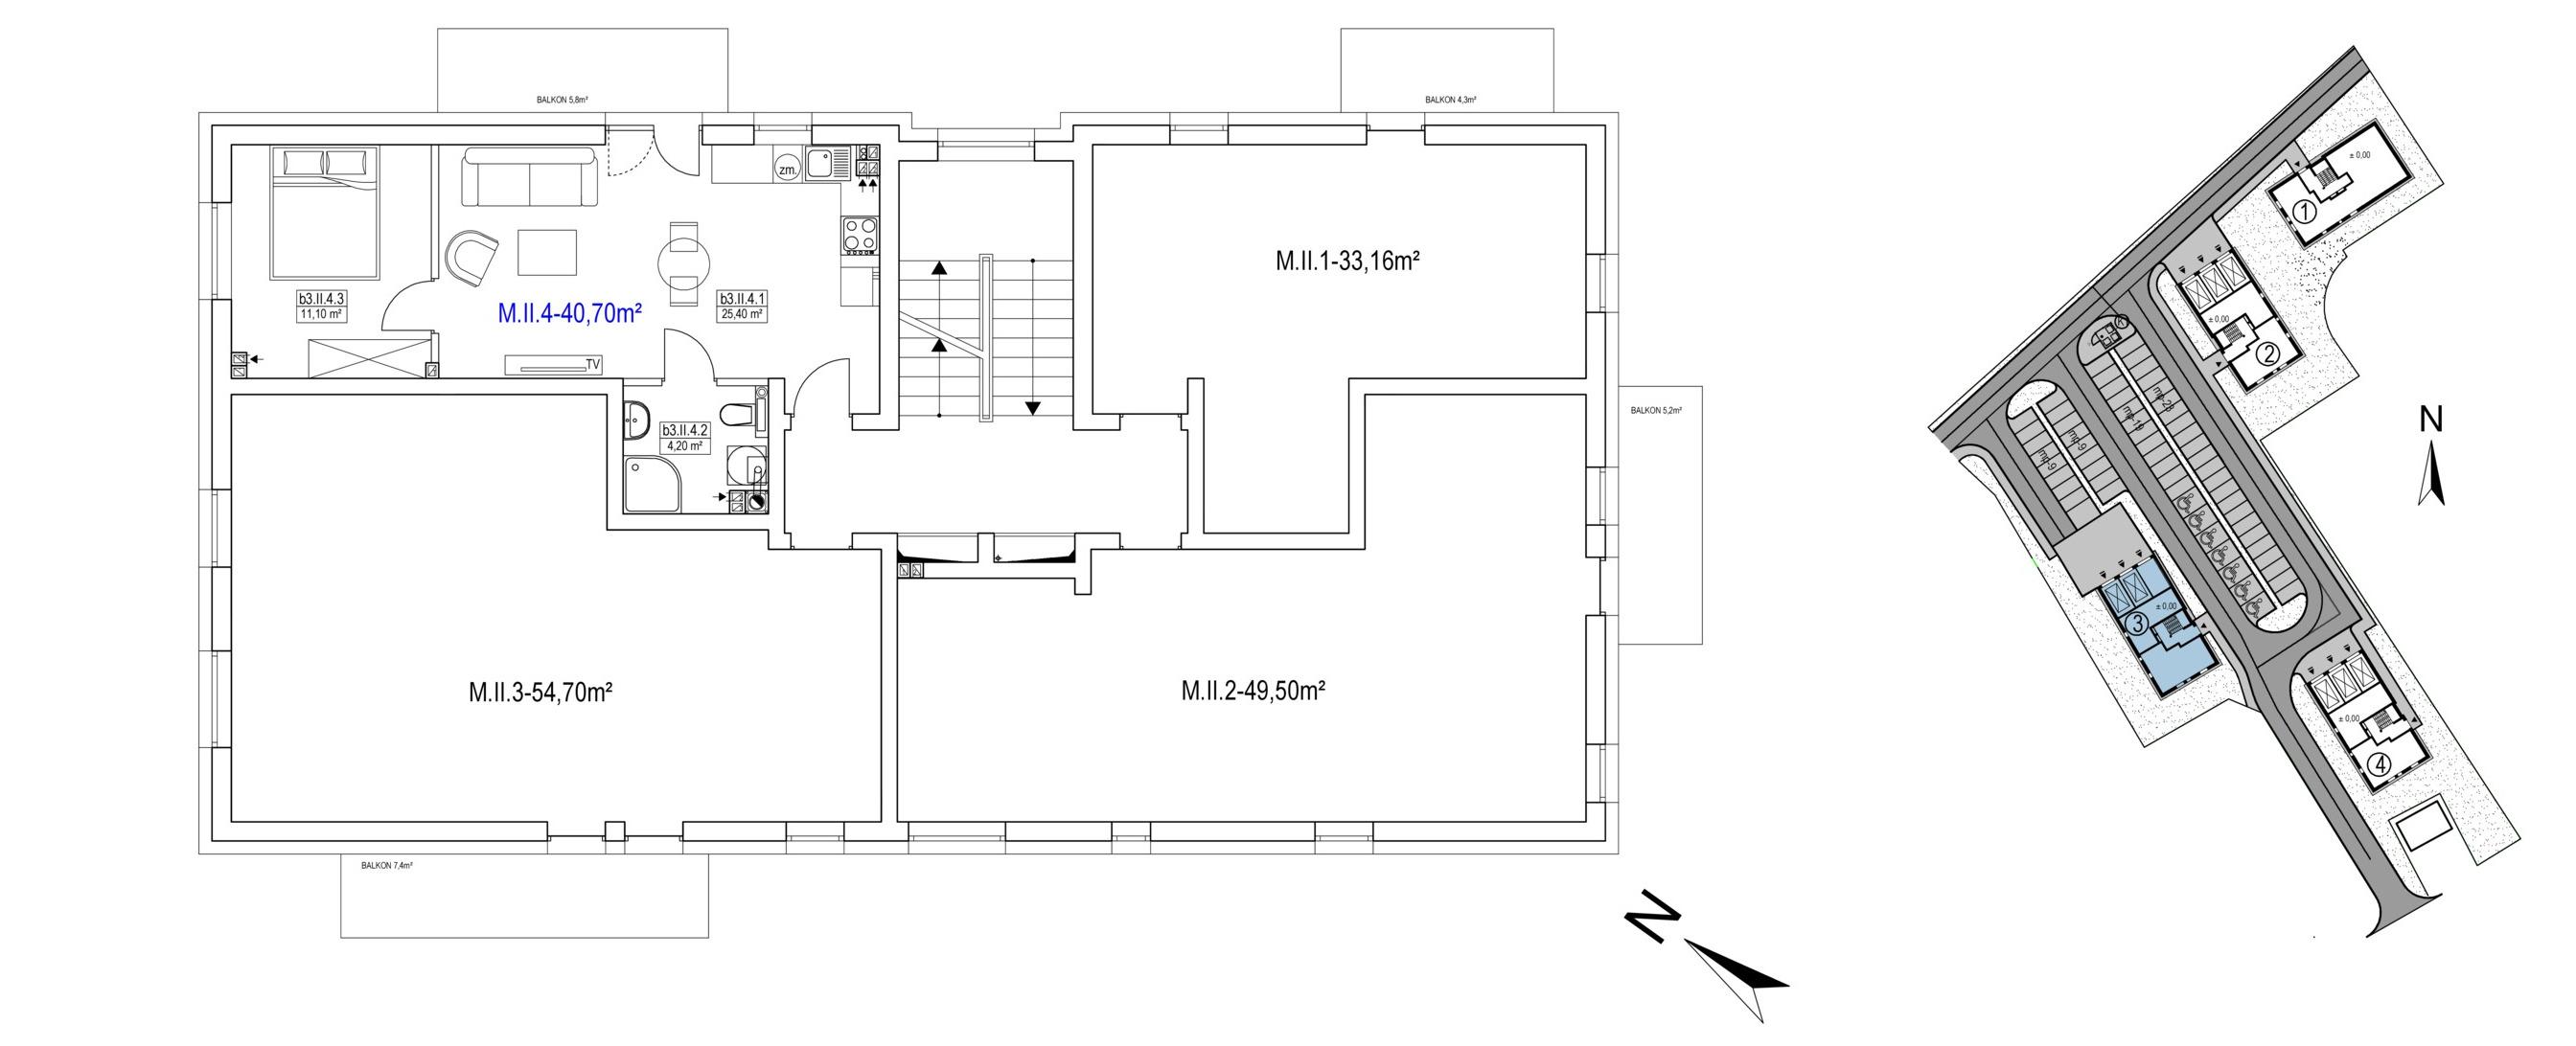 /assets/img/flats/B3.M.II.4.jpg